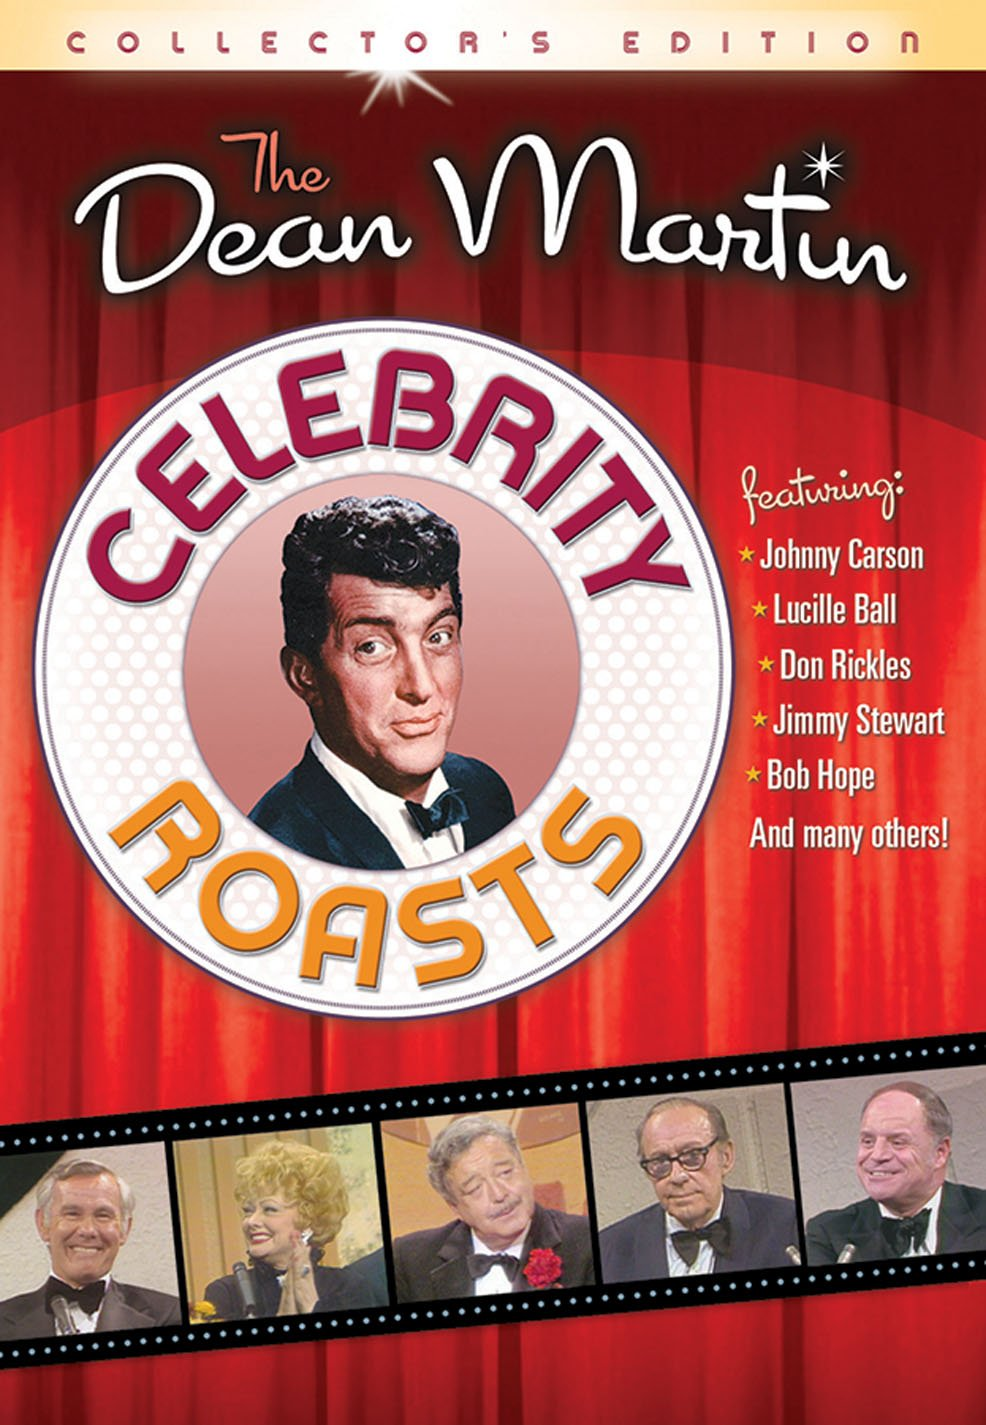 ilovedinomartin: Dean Martin Celebrity Roast-Collectors ...